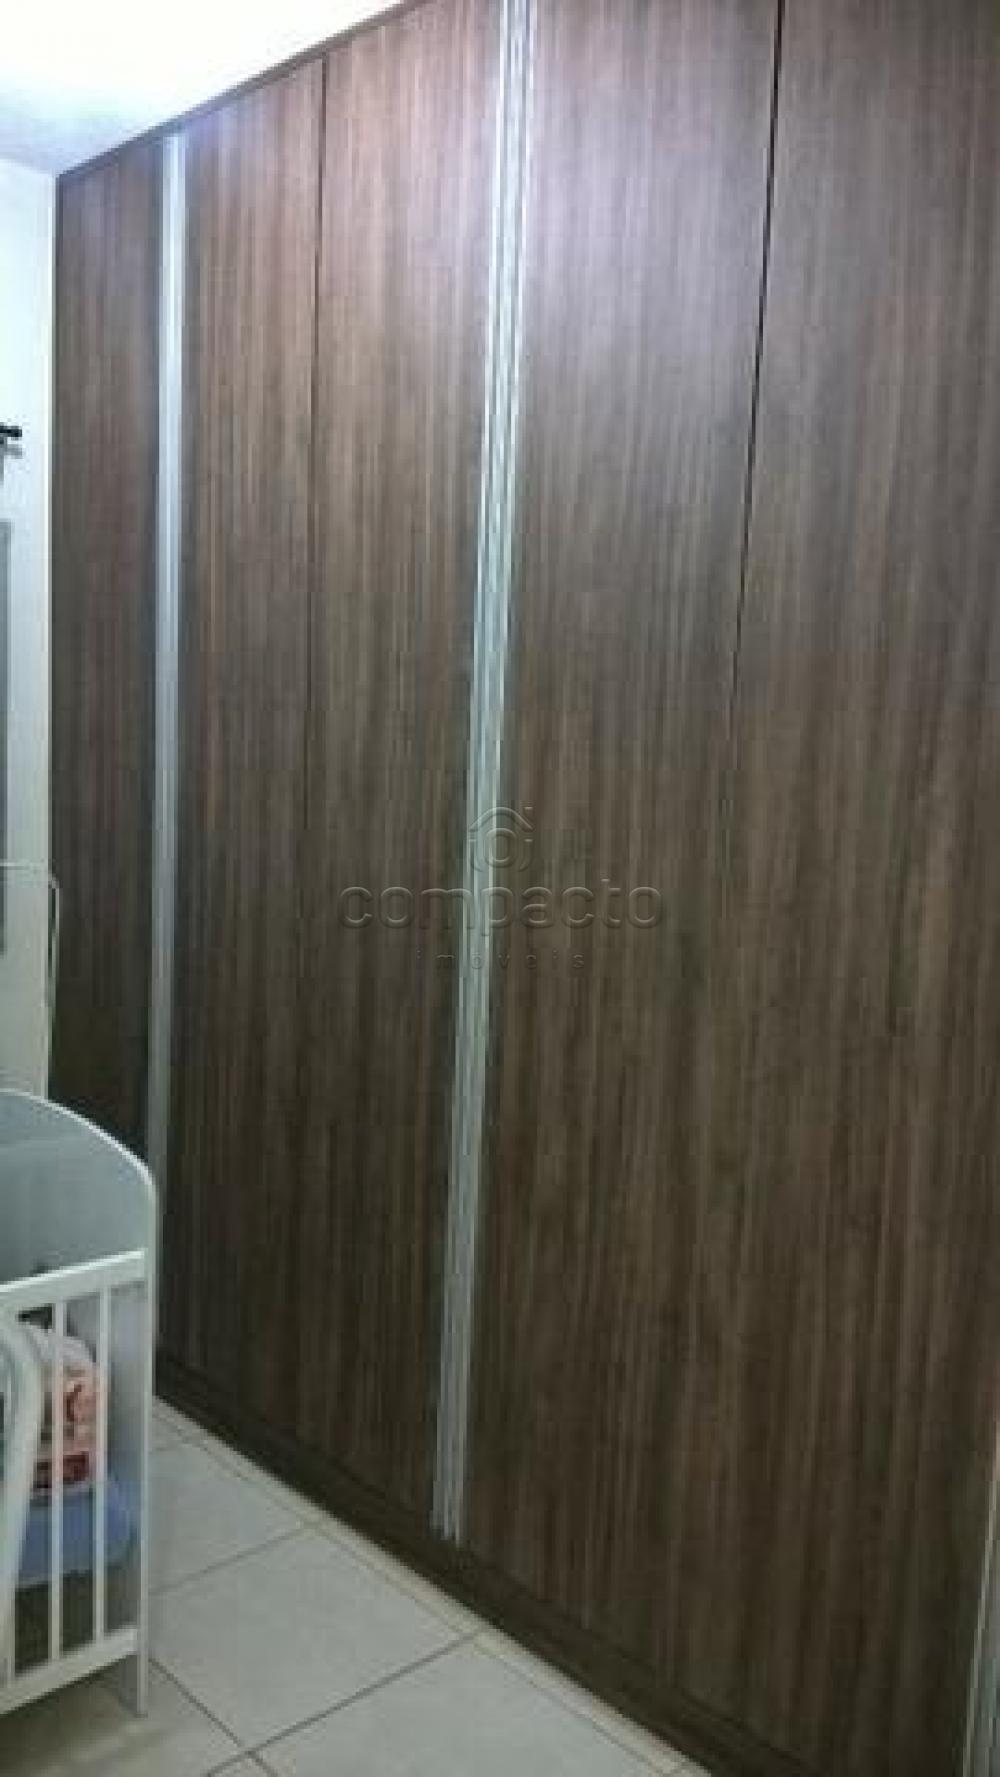 Comprar Apartamento / Padrão em São José do Rio Preto apenas R$ 180.000,00 - Foto 8